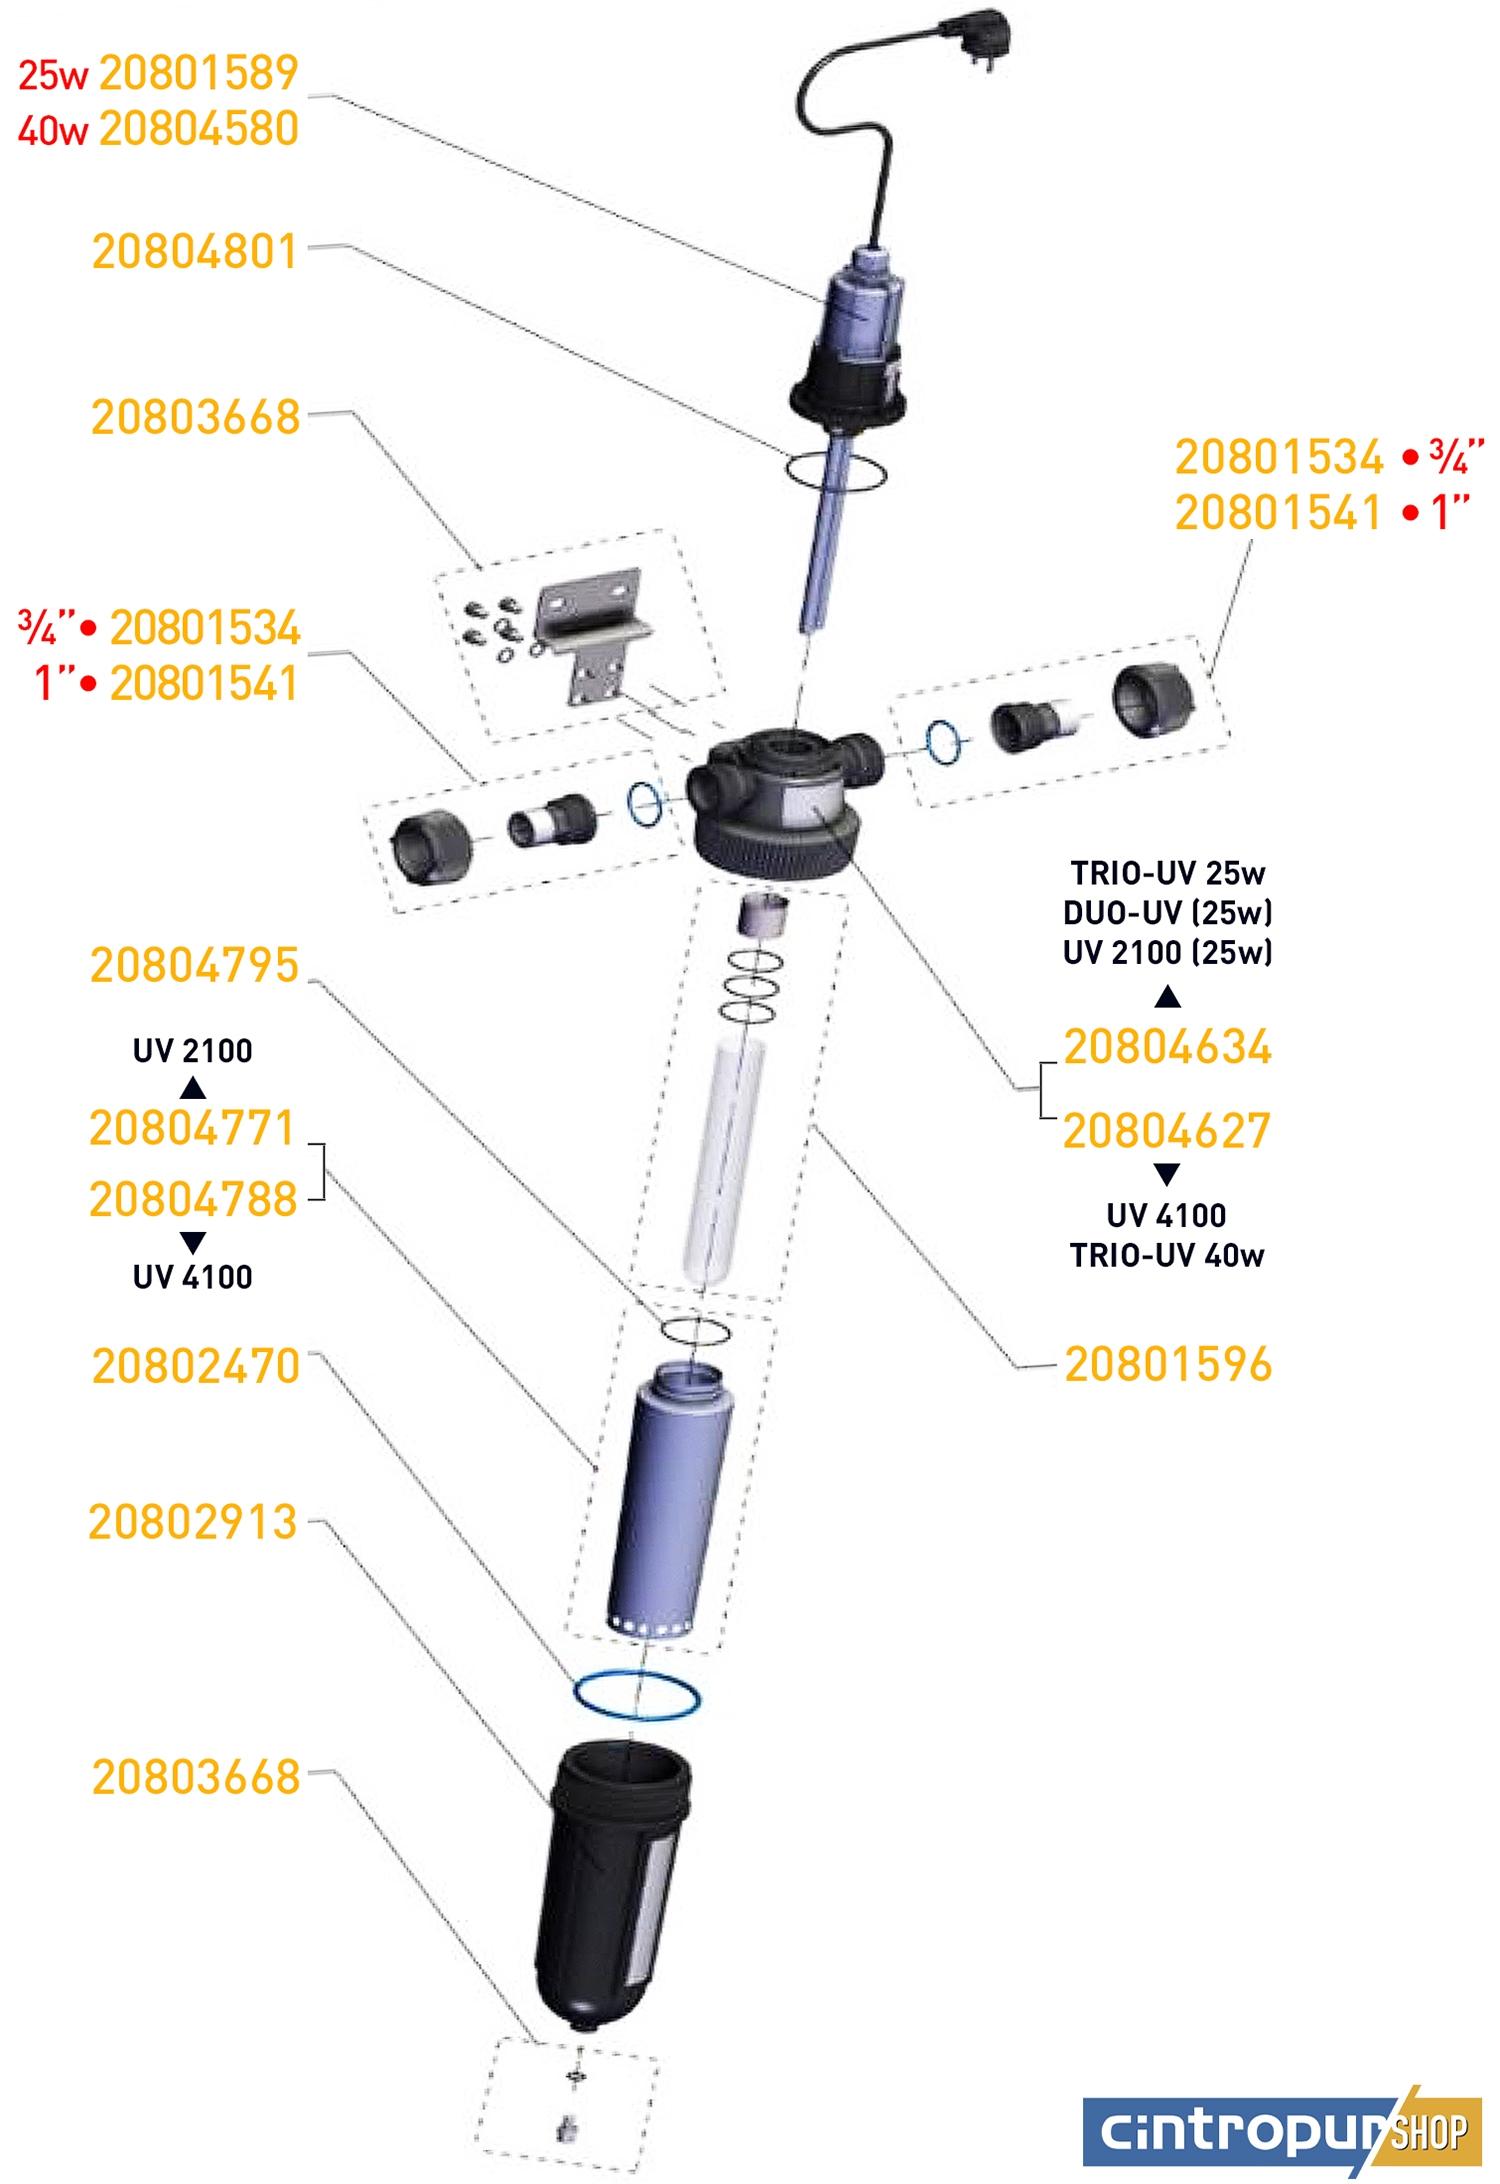 Dessin des pièces détachées des modèles récents Cintropur UV avec code UGS